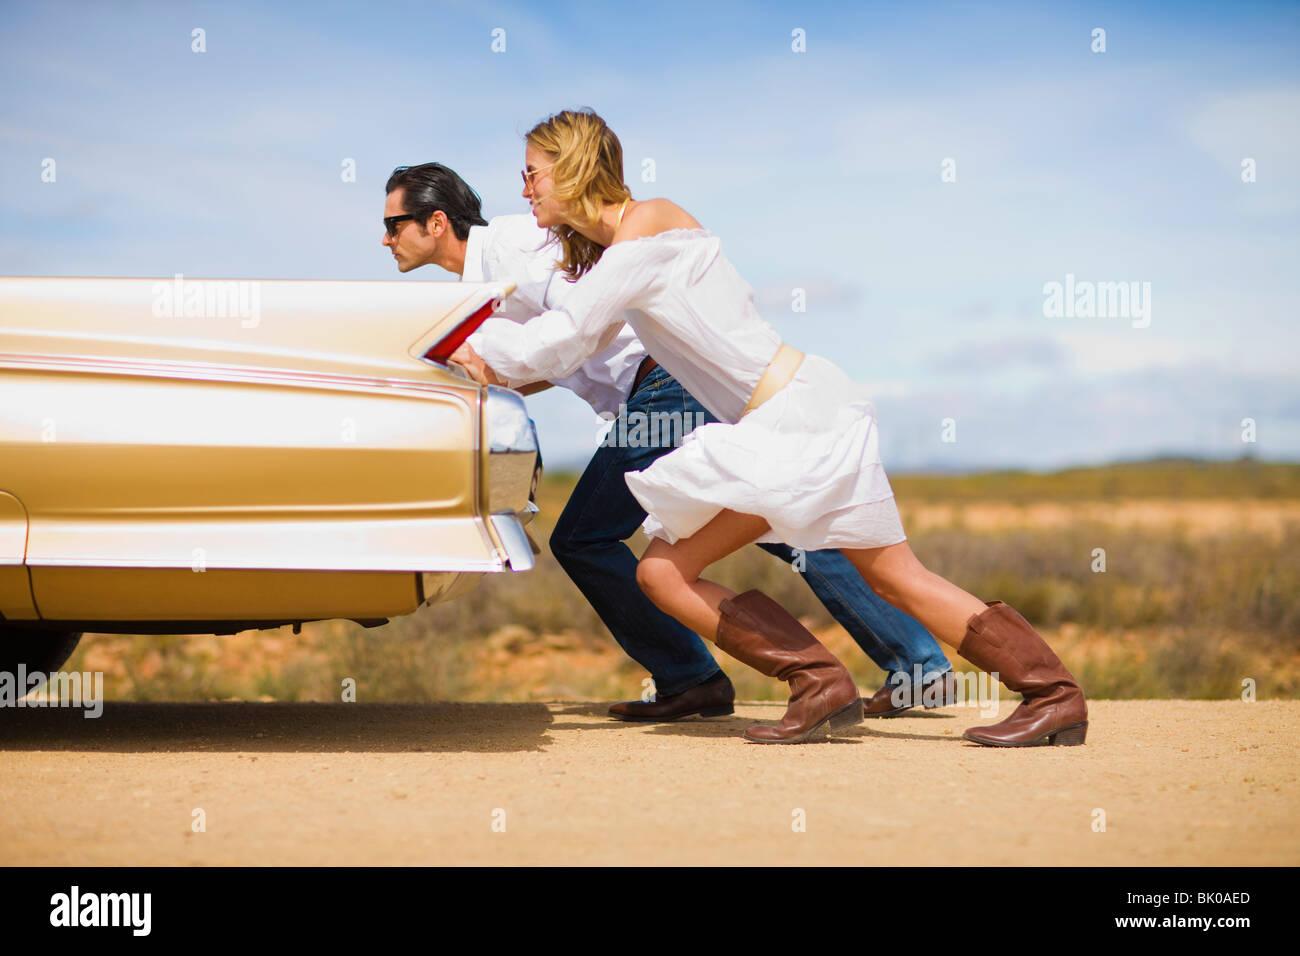 Giovane spingendo un auto Immagini Stock